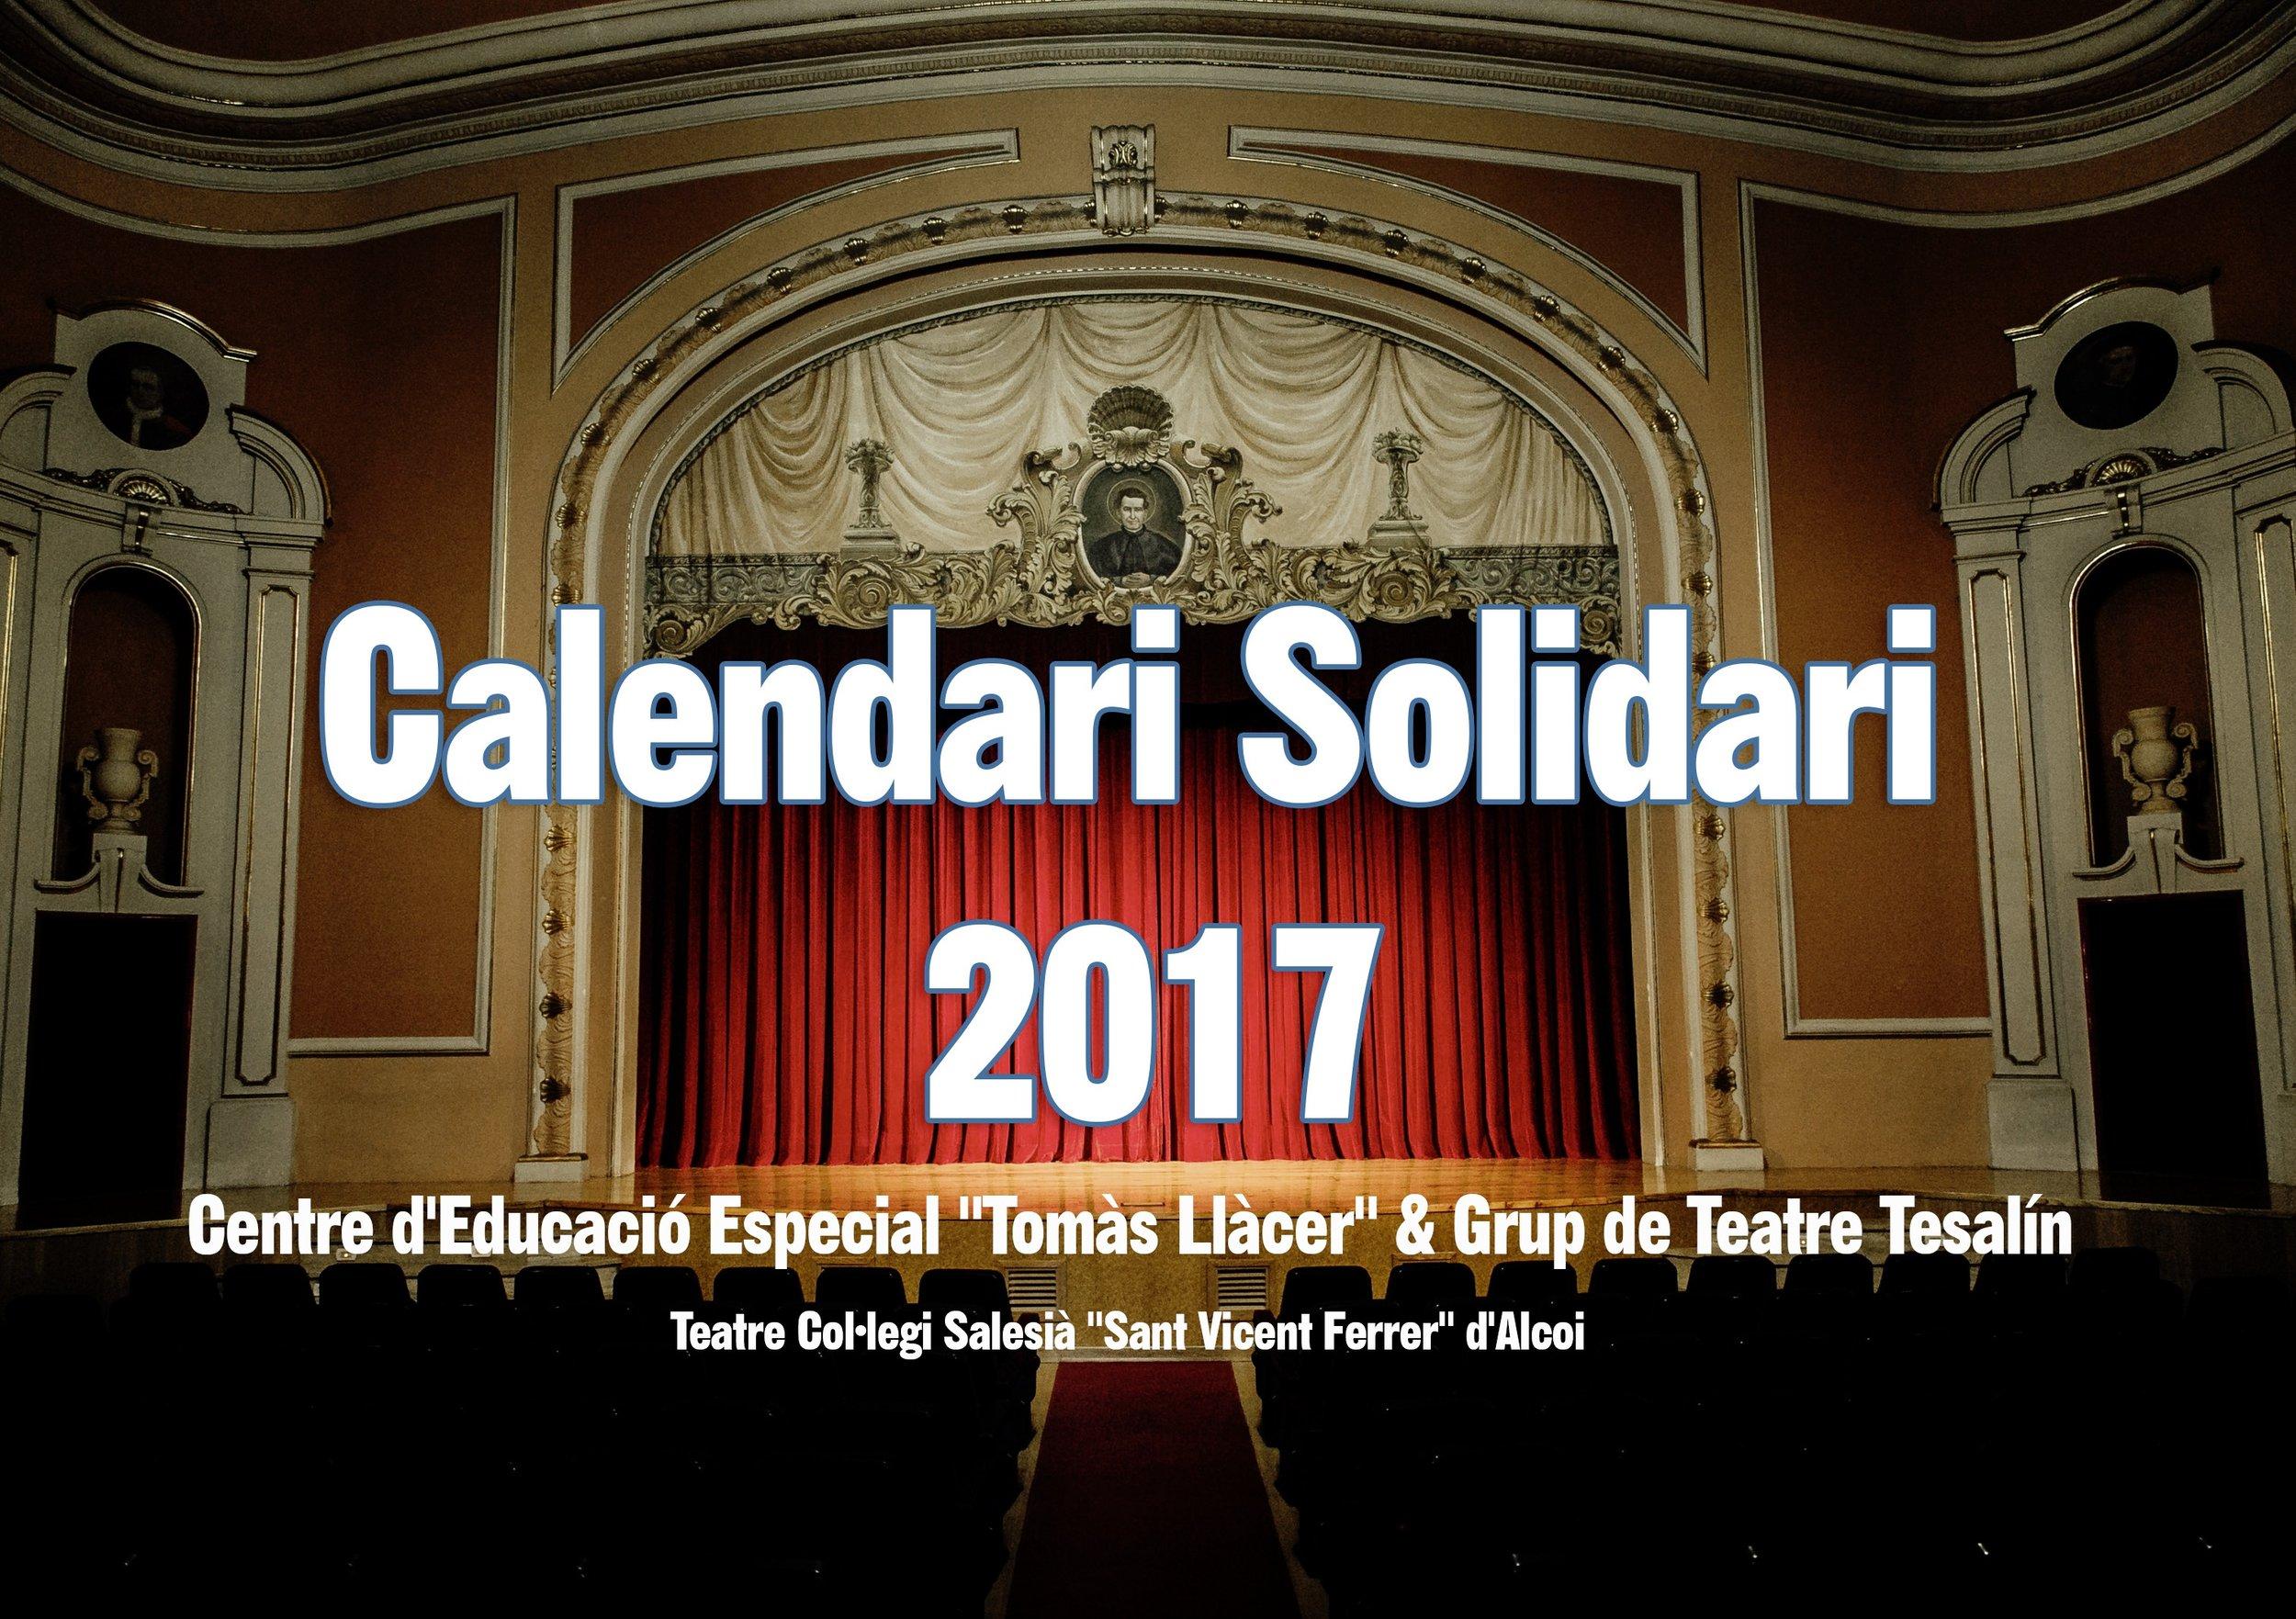 Calendario Solidario 2017 - C.P.E.E. Tomàs Llàcer de Alcoy